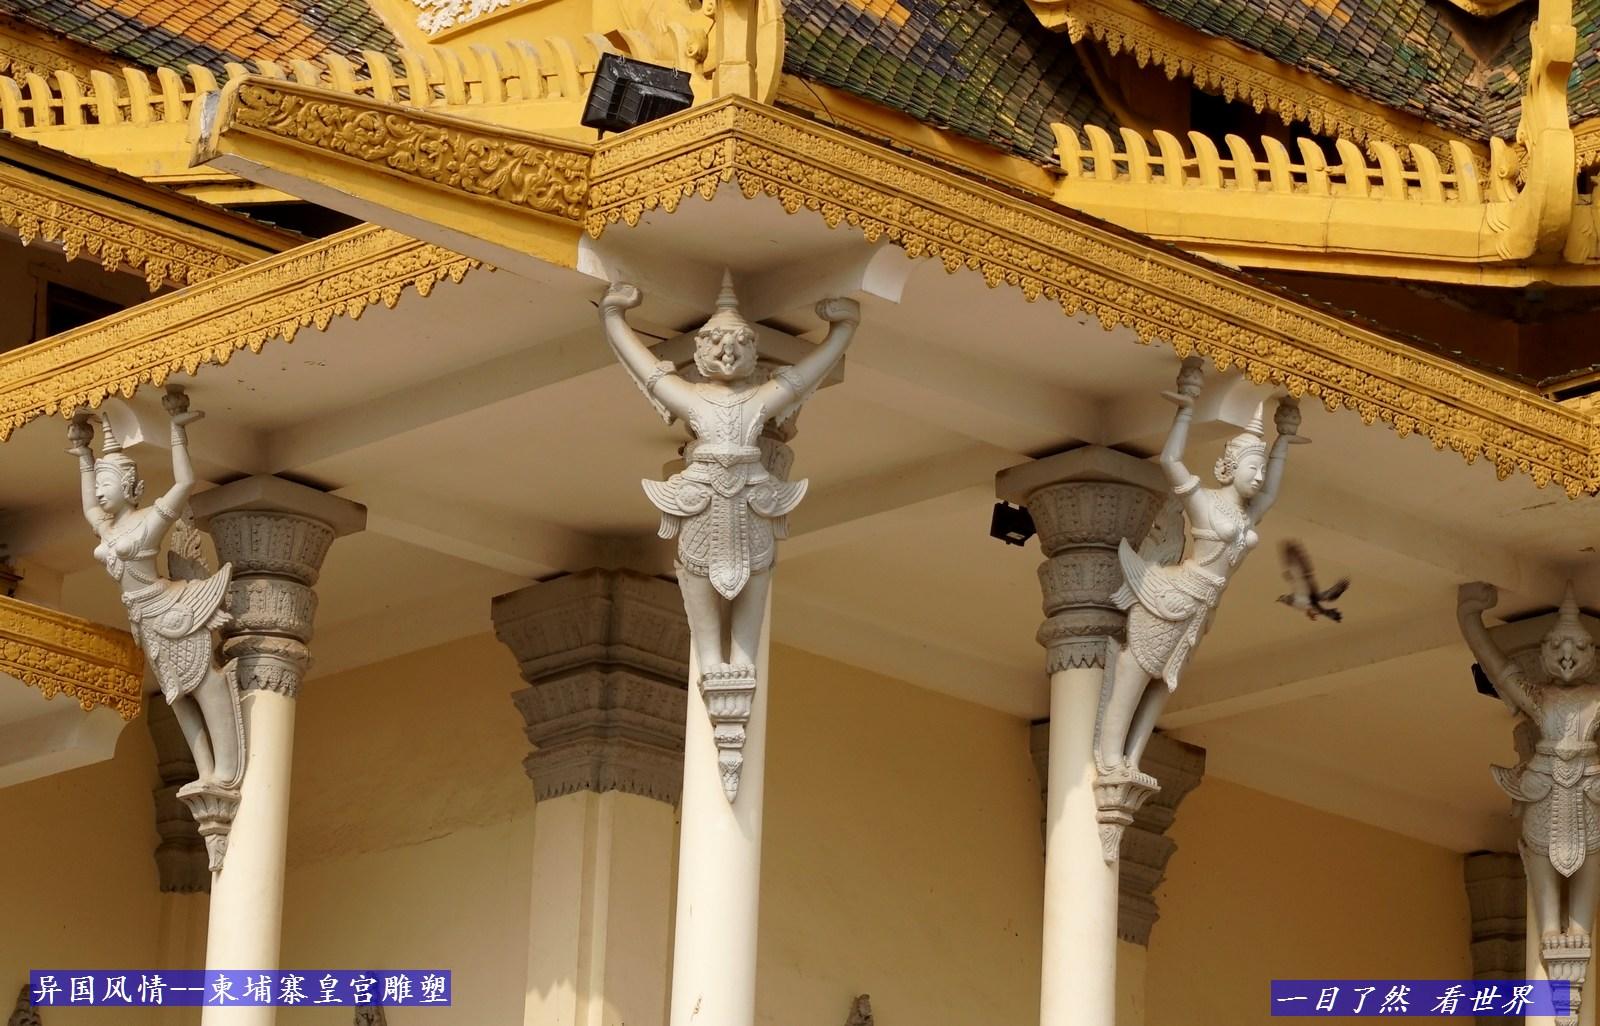 柬埔寨皇宫-45-1600.jpg